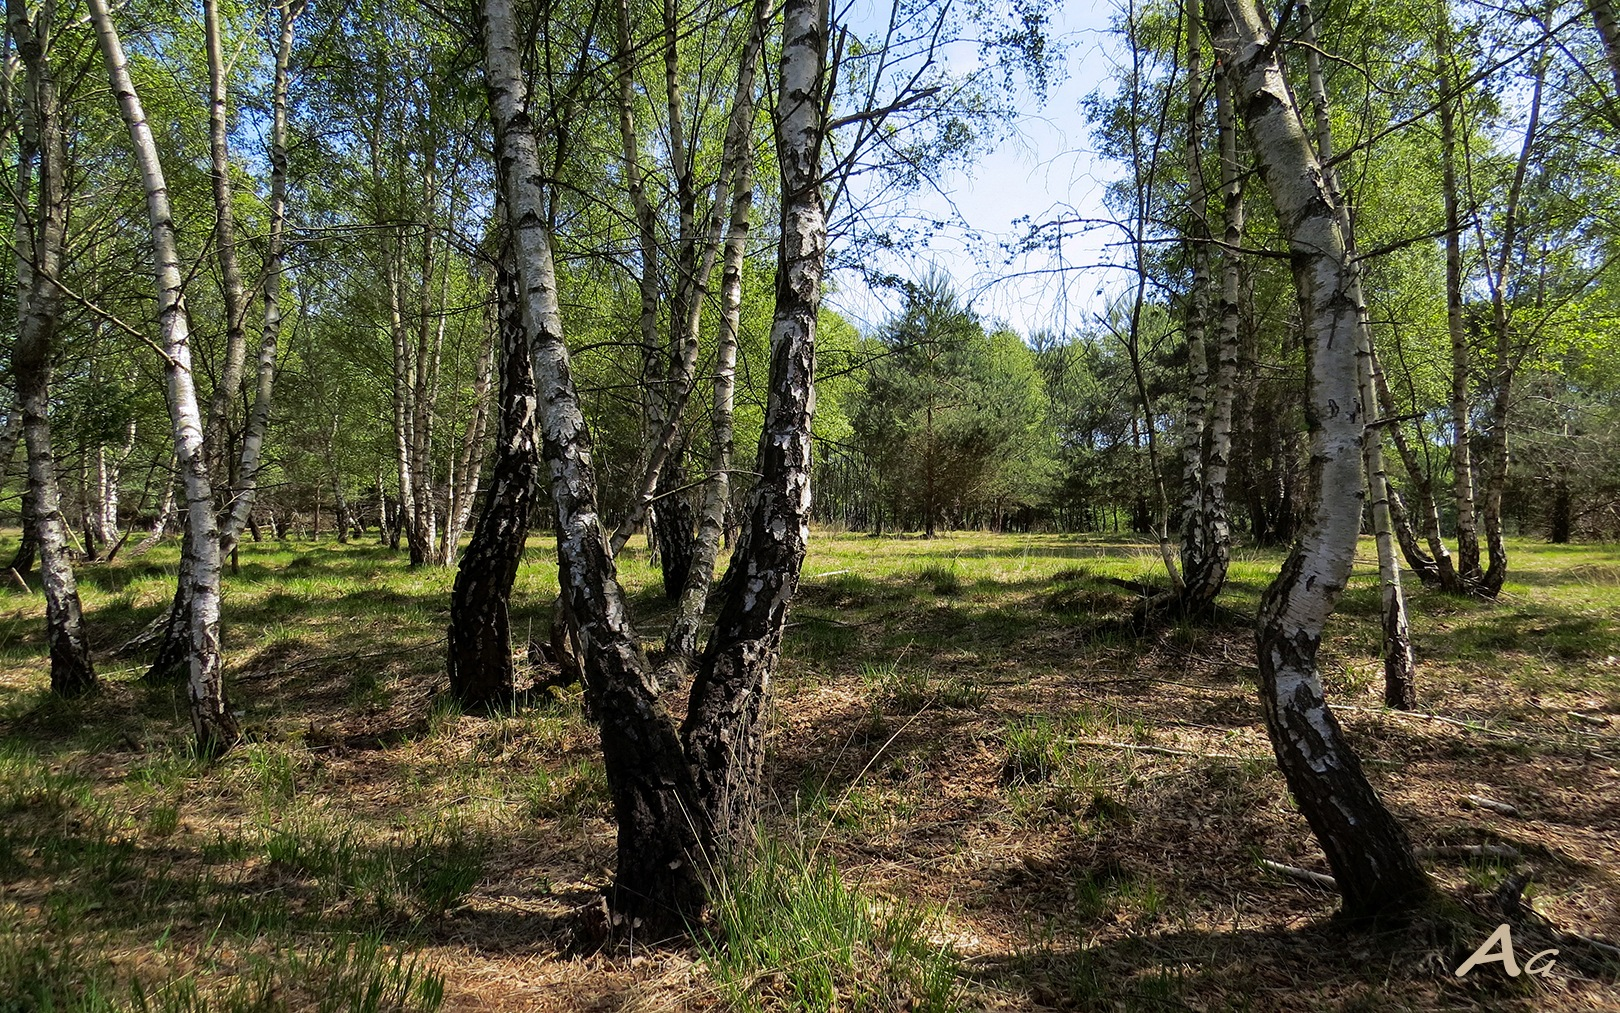 Birch forest Gildehauser Venn Bentheim by adagaag